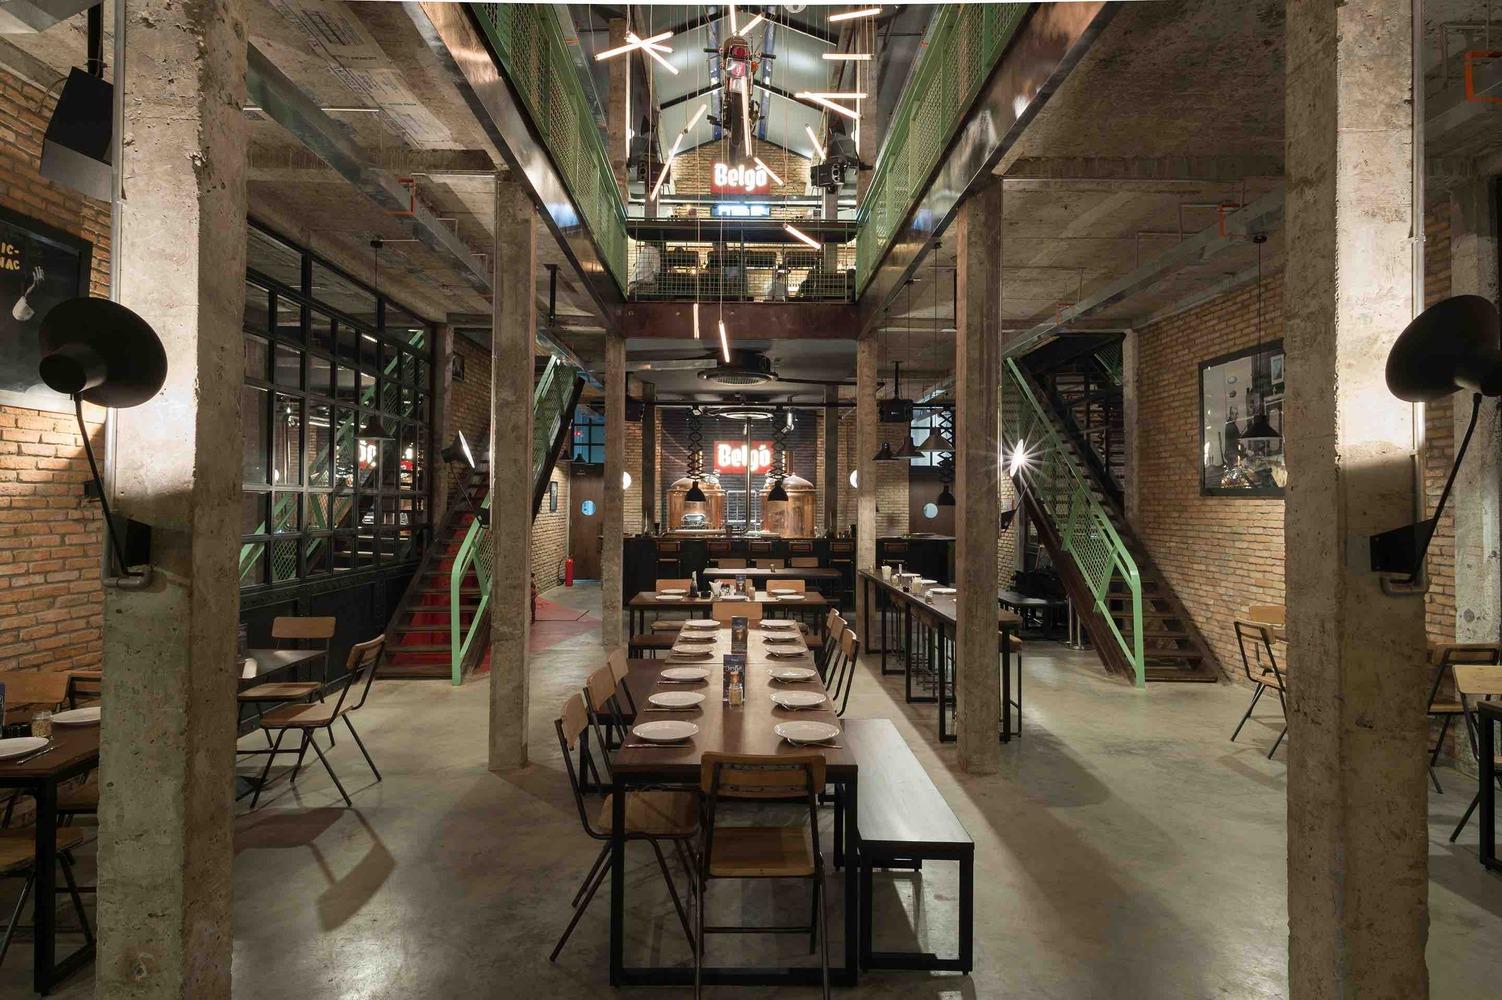 Industrial Brewery Pub In Saigon,© Brice Godard